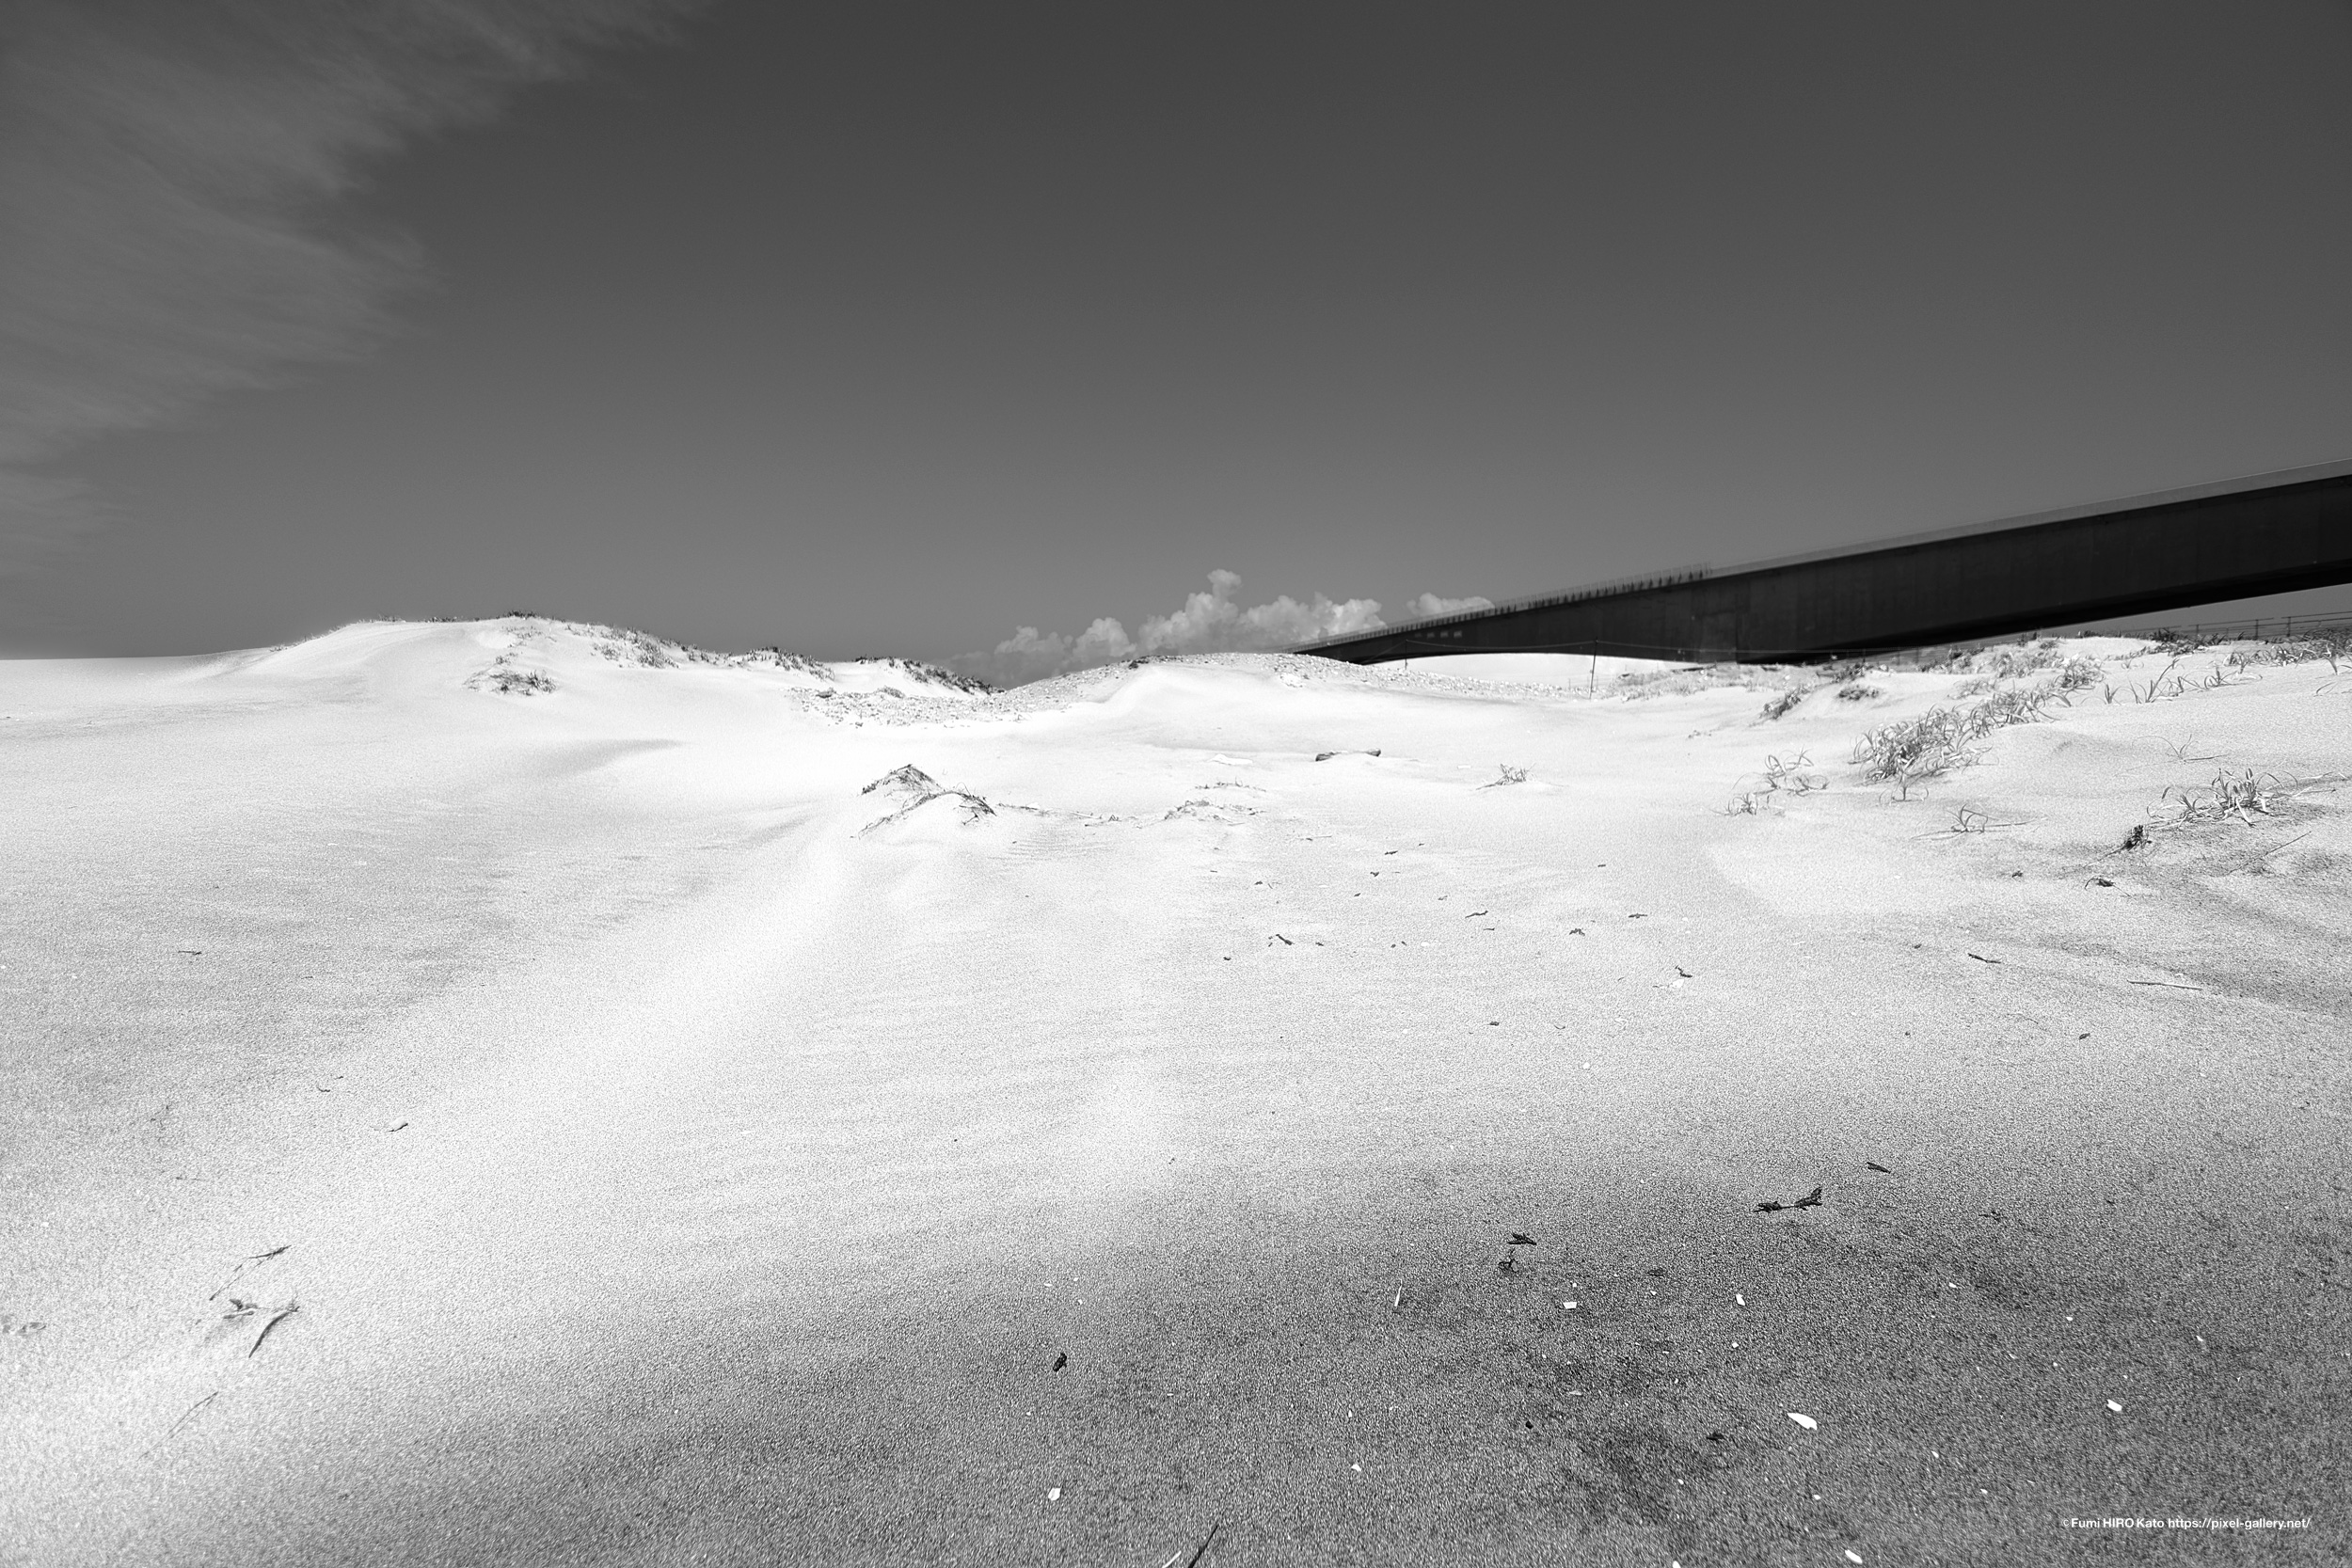 惑星と文明 19-021 時間は砂となって降り積もる